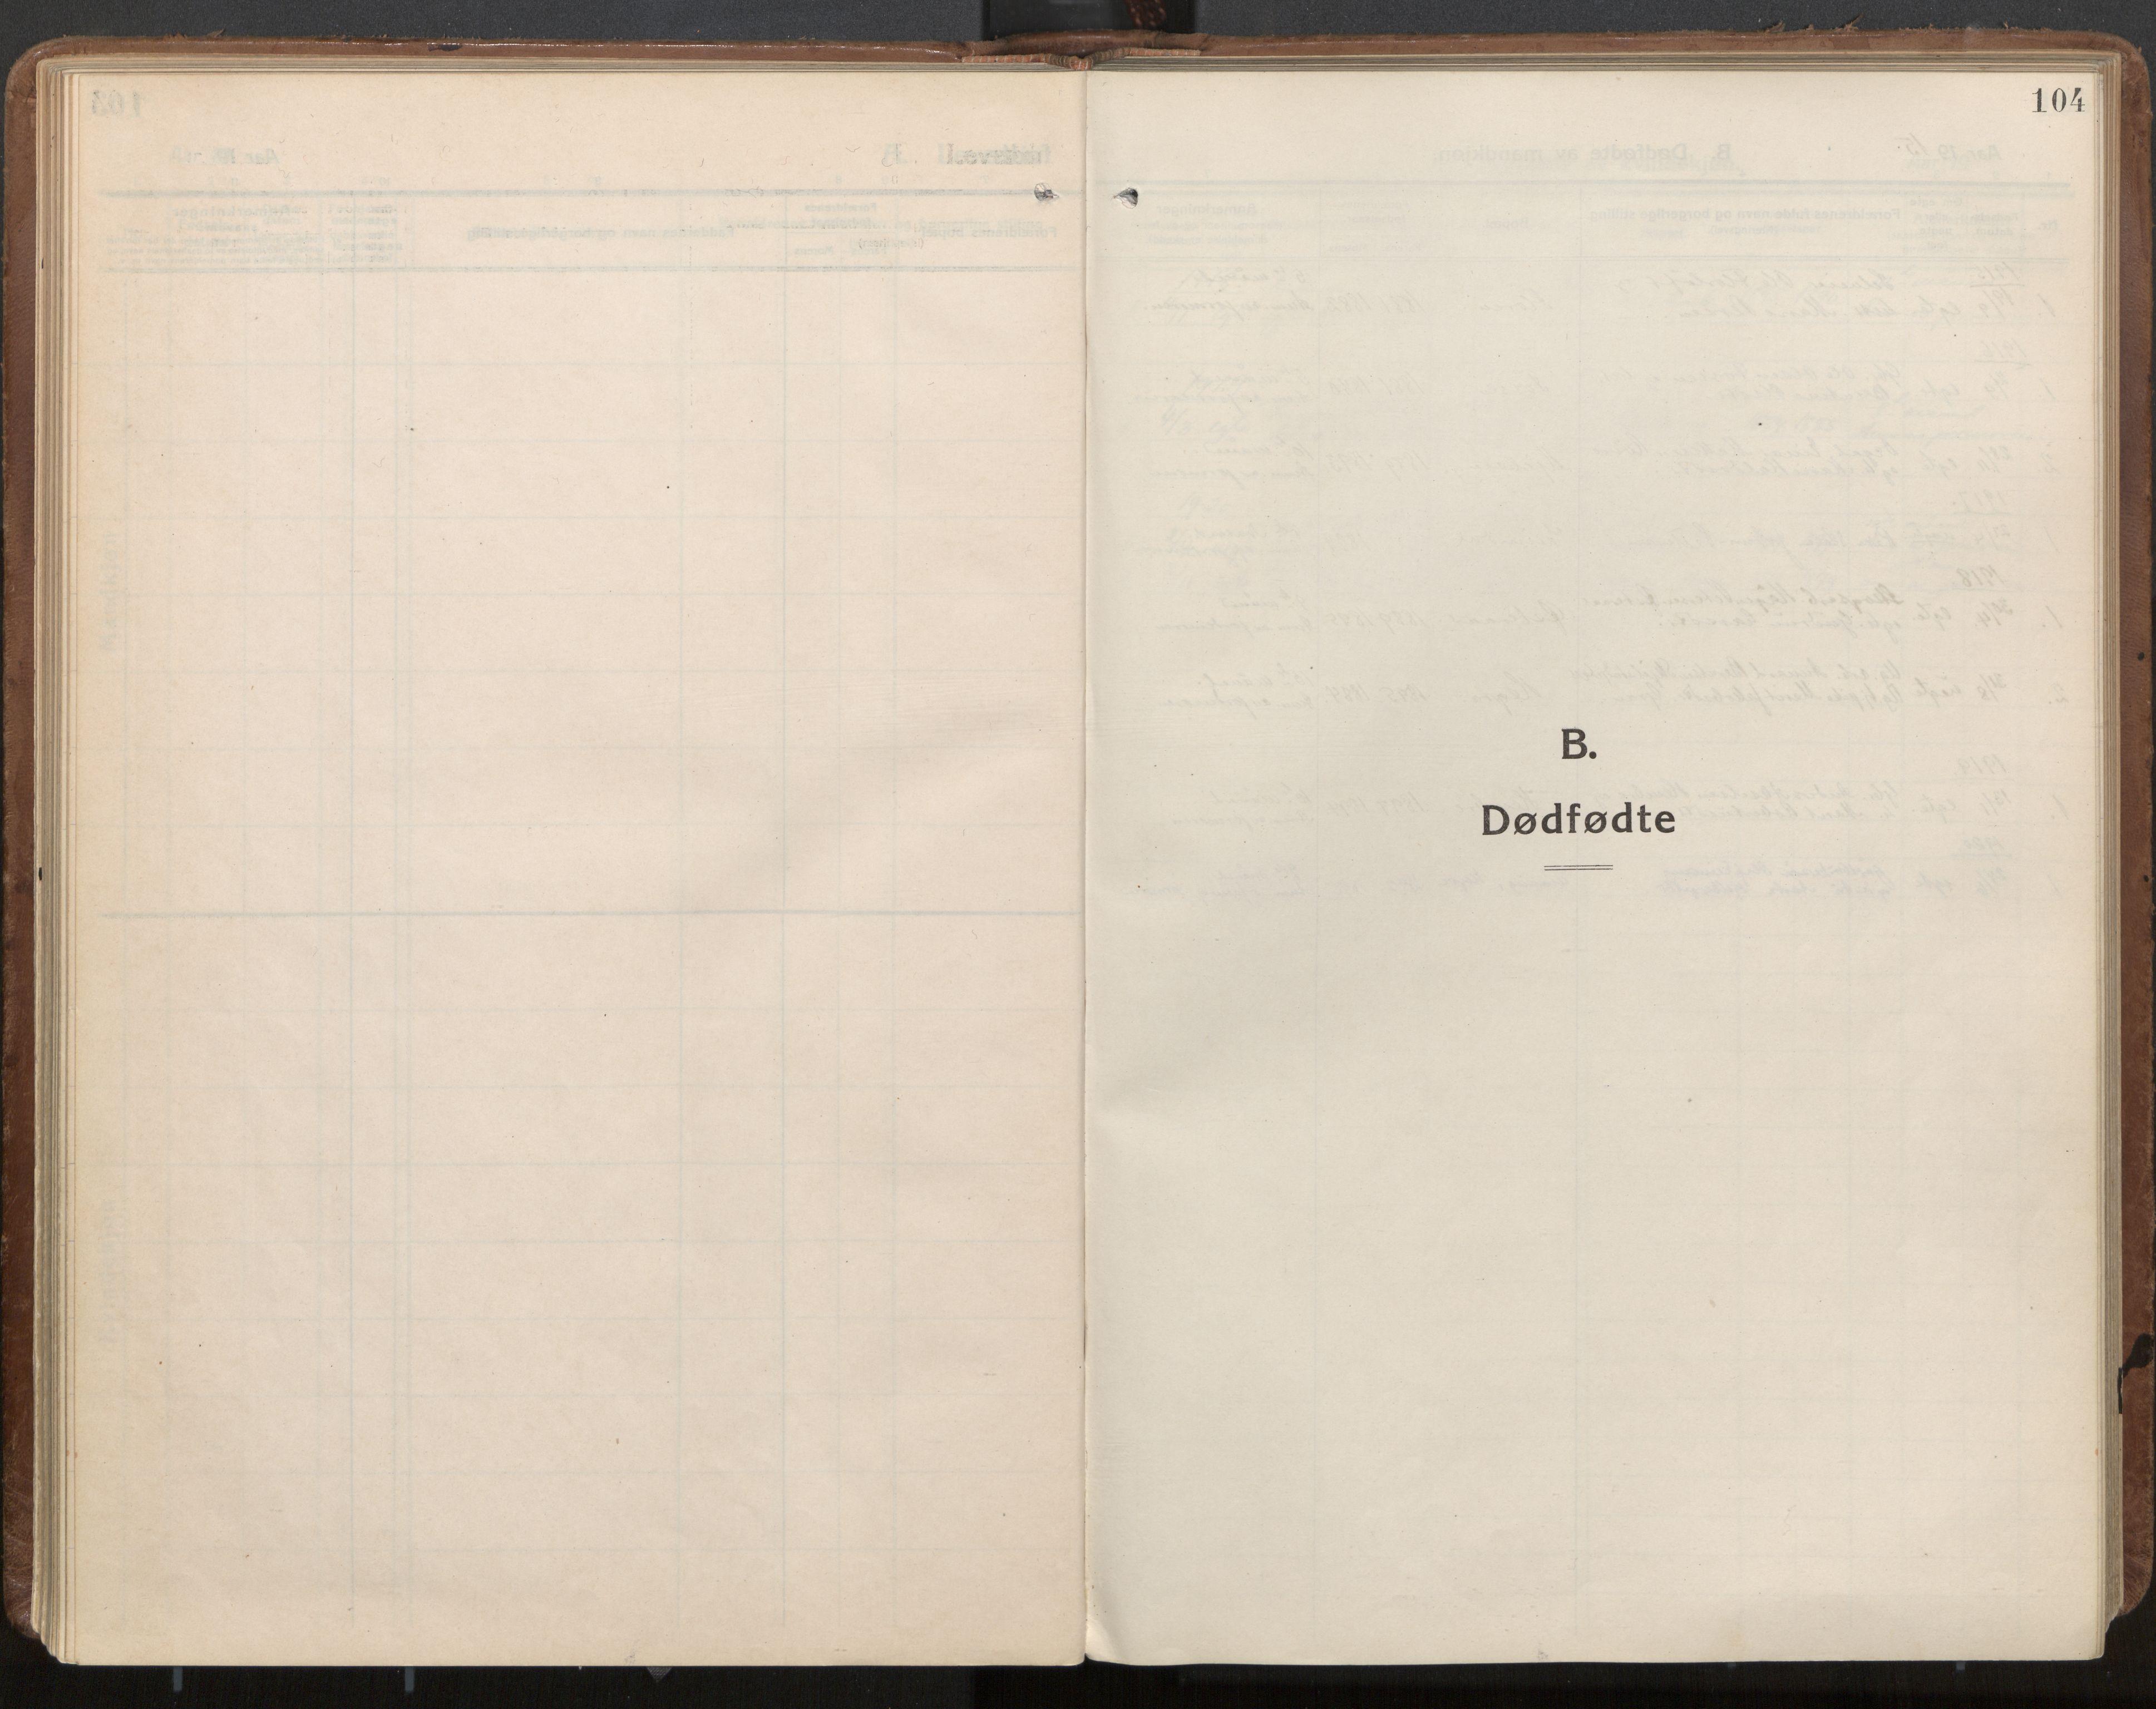 SAT, Ministerialprotokoller, klokkerbøker og fødselsregistre - Nord-Trøndelag, 703/L0037: Parish register (official) no. 703A10, 1915-1932, p. 104